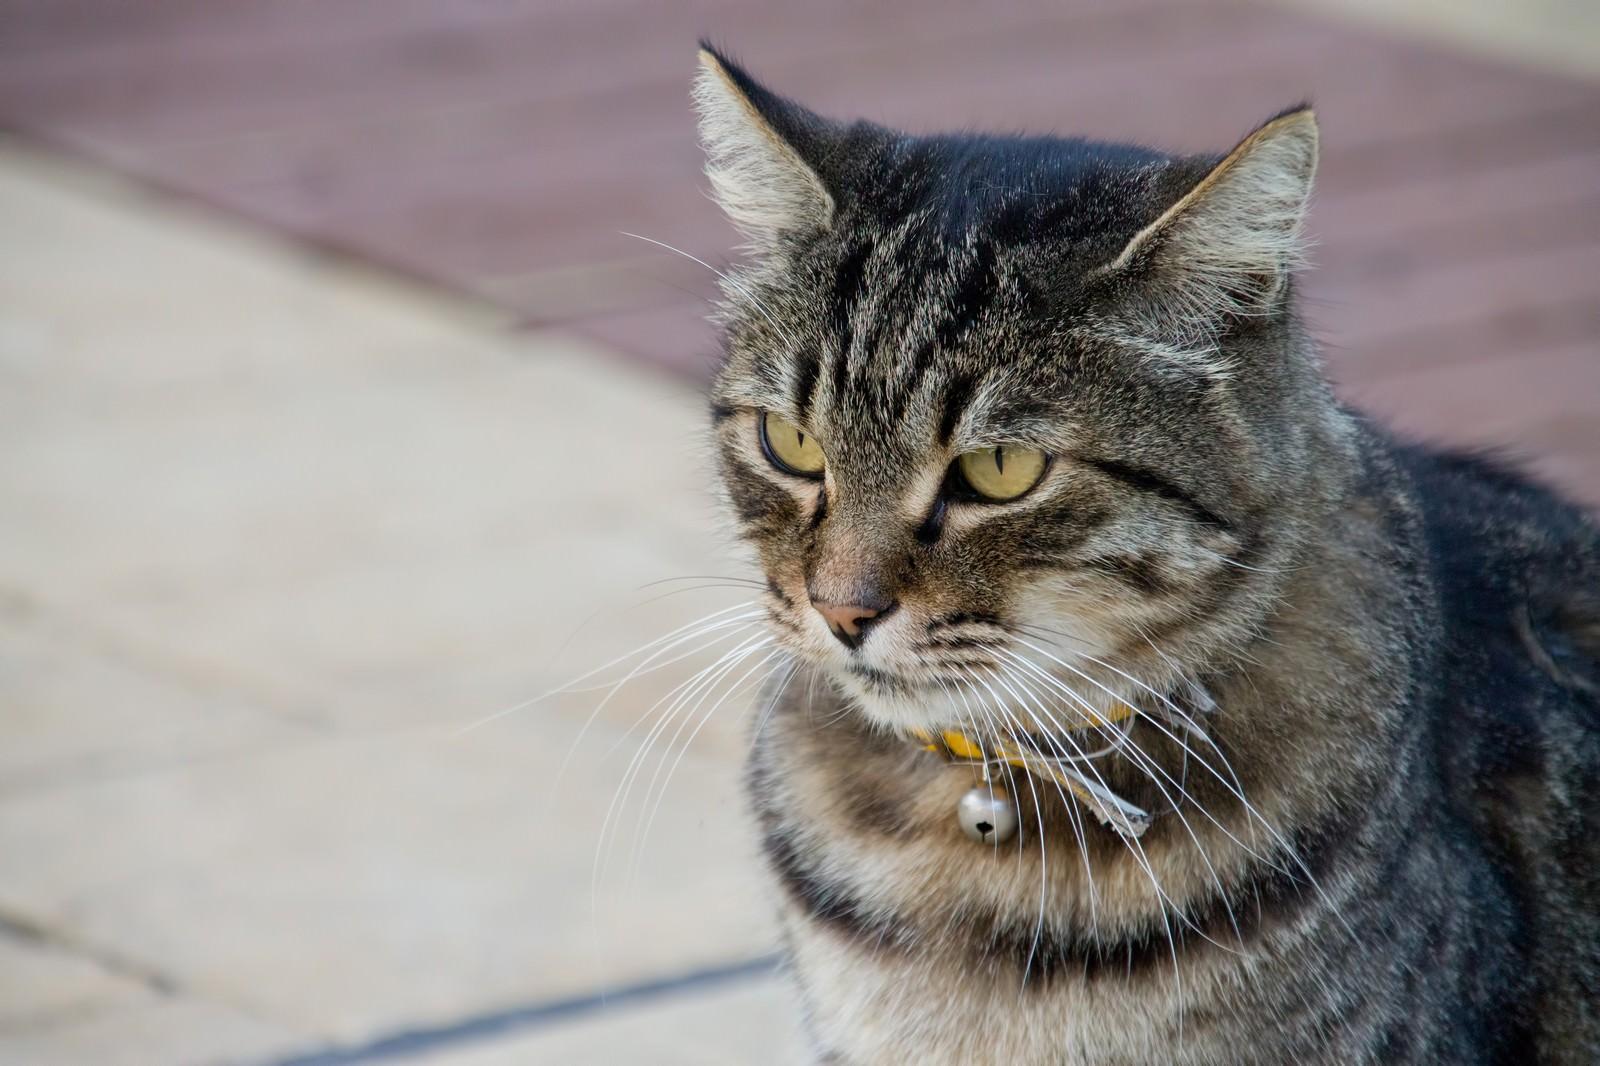 「凛々しい顔つきの猫」の写真